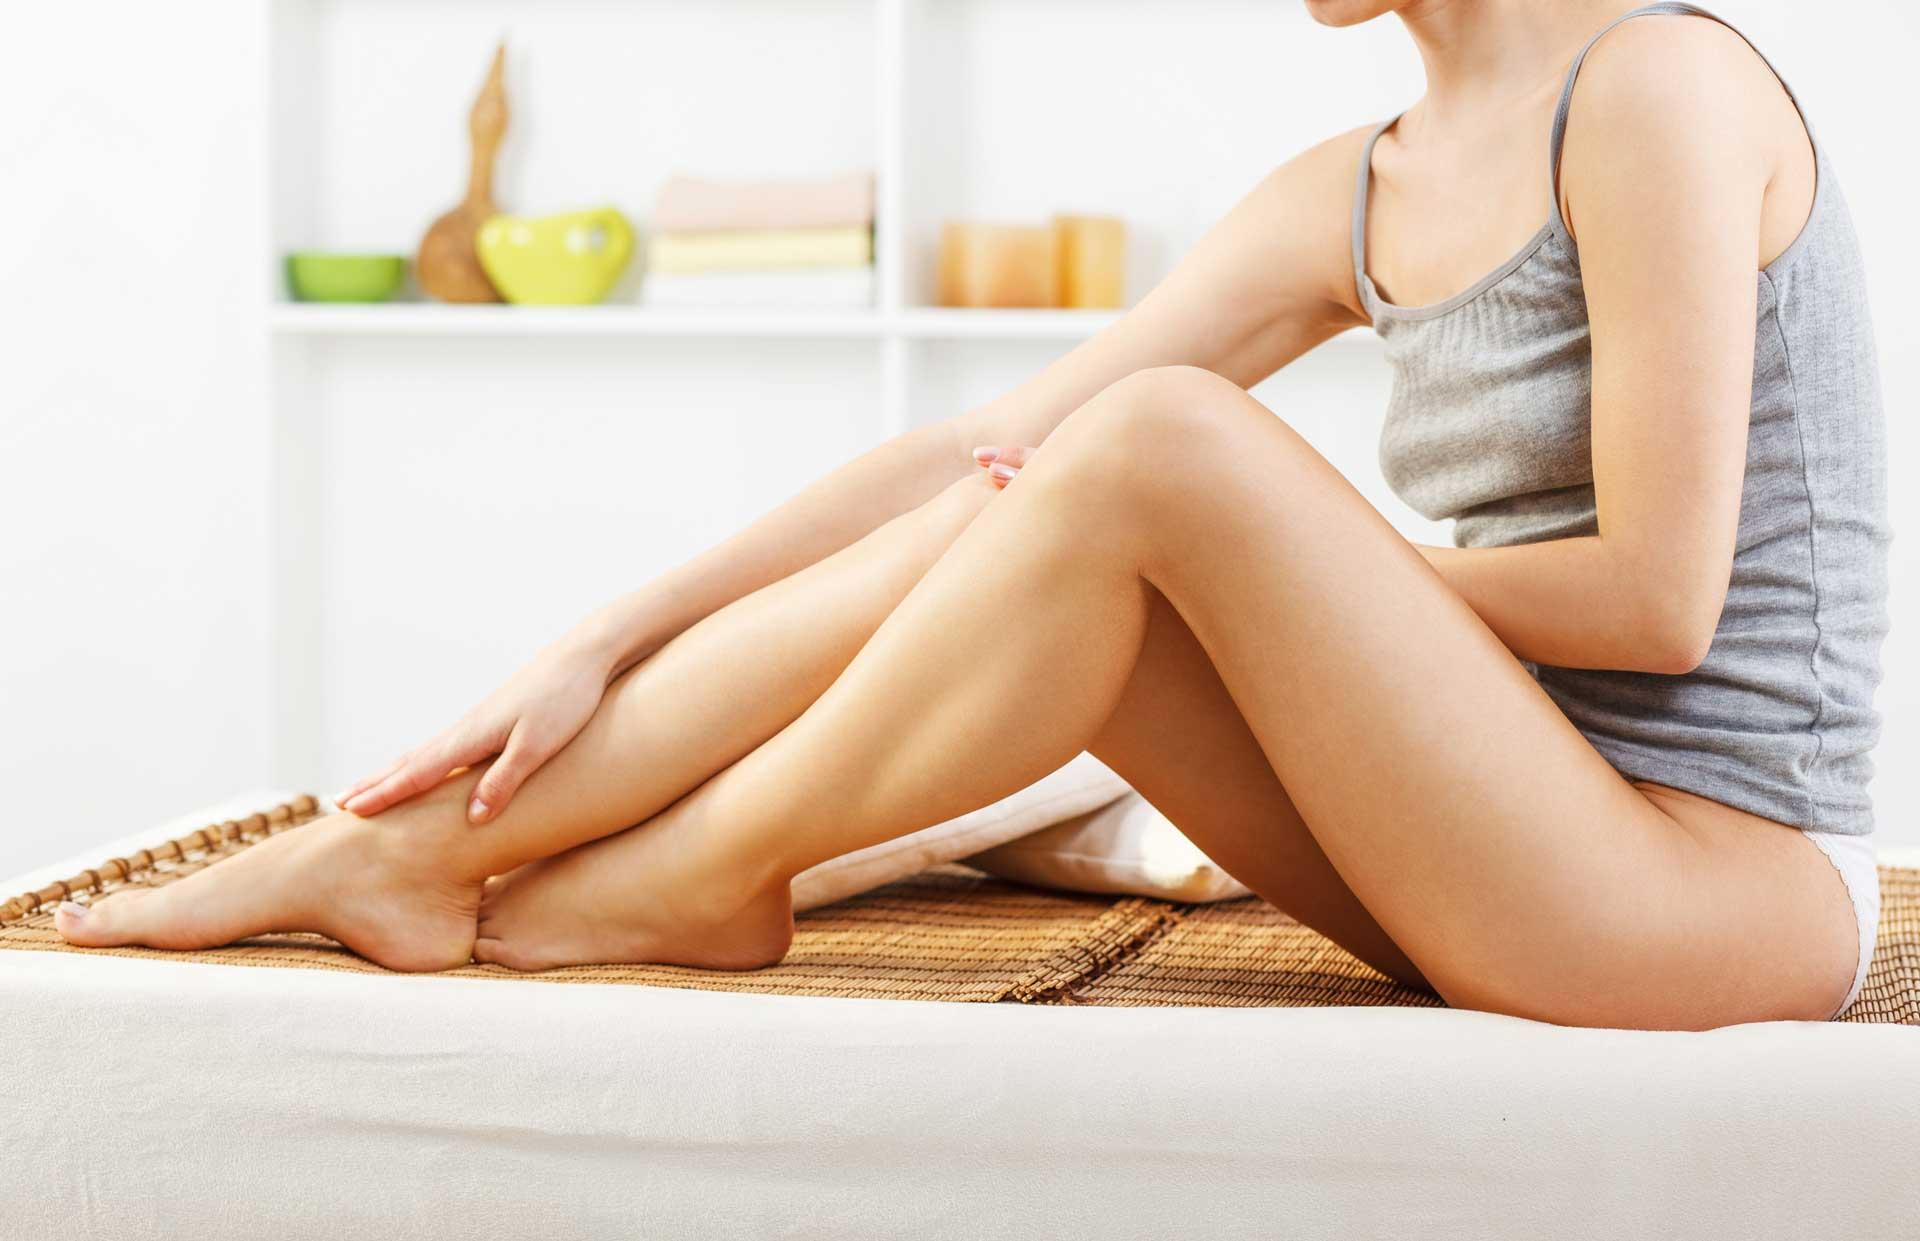 Laserhaarentfernung an den Beinen einer Frau